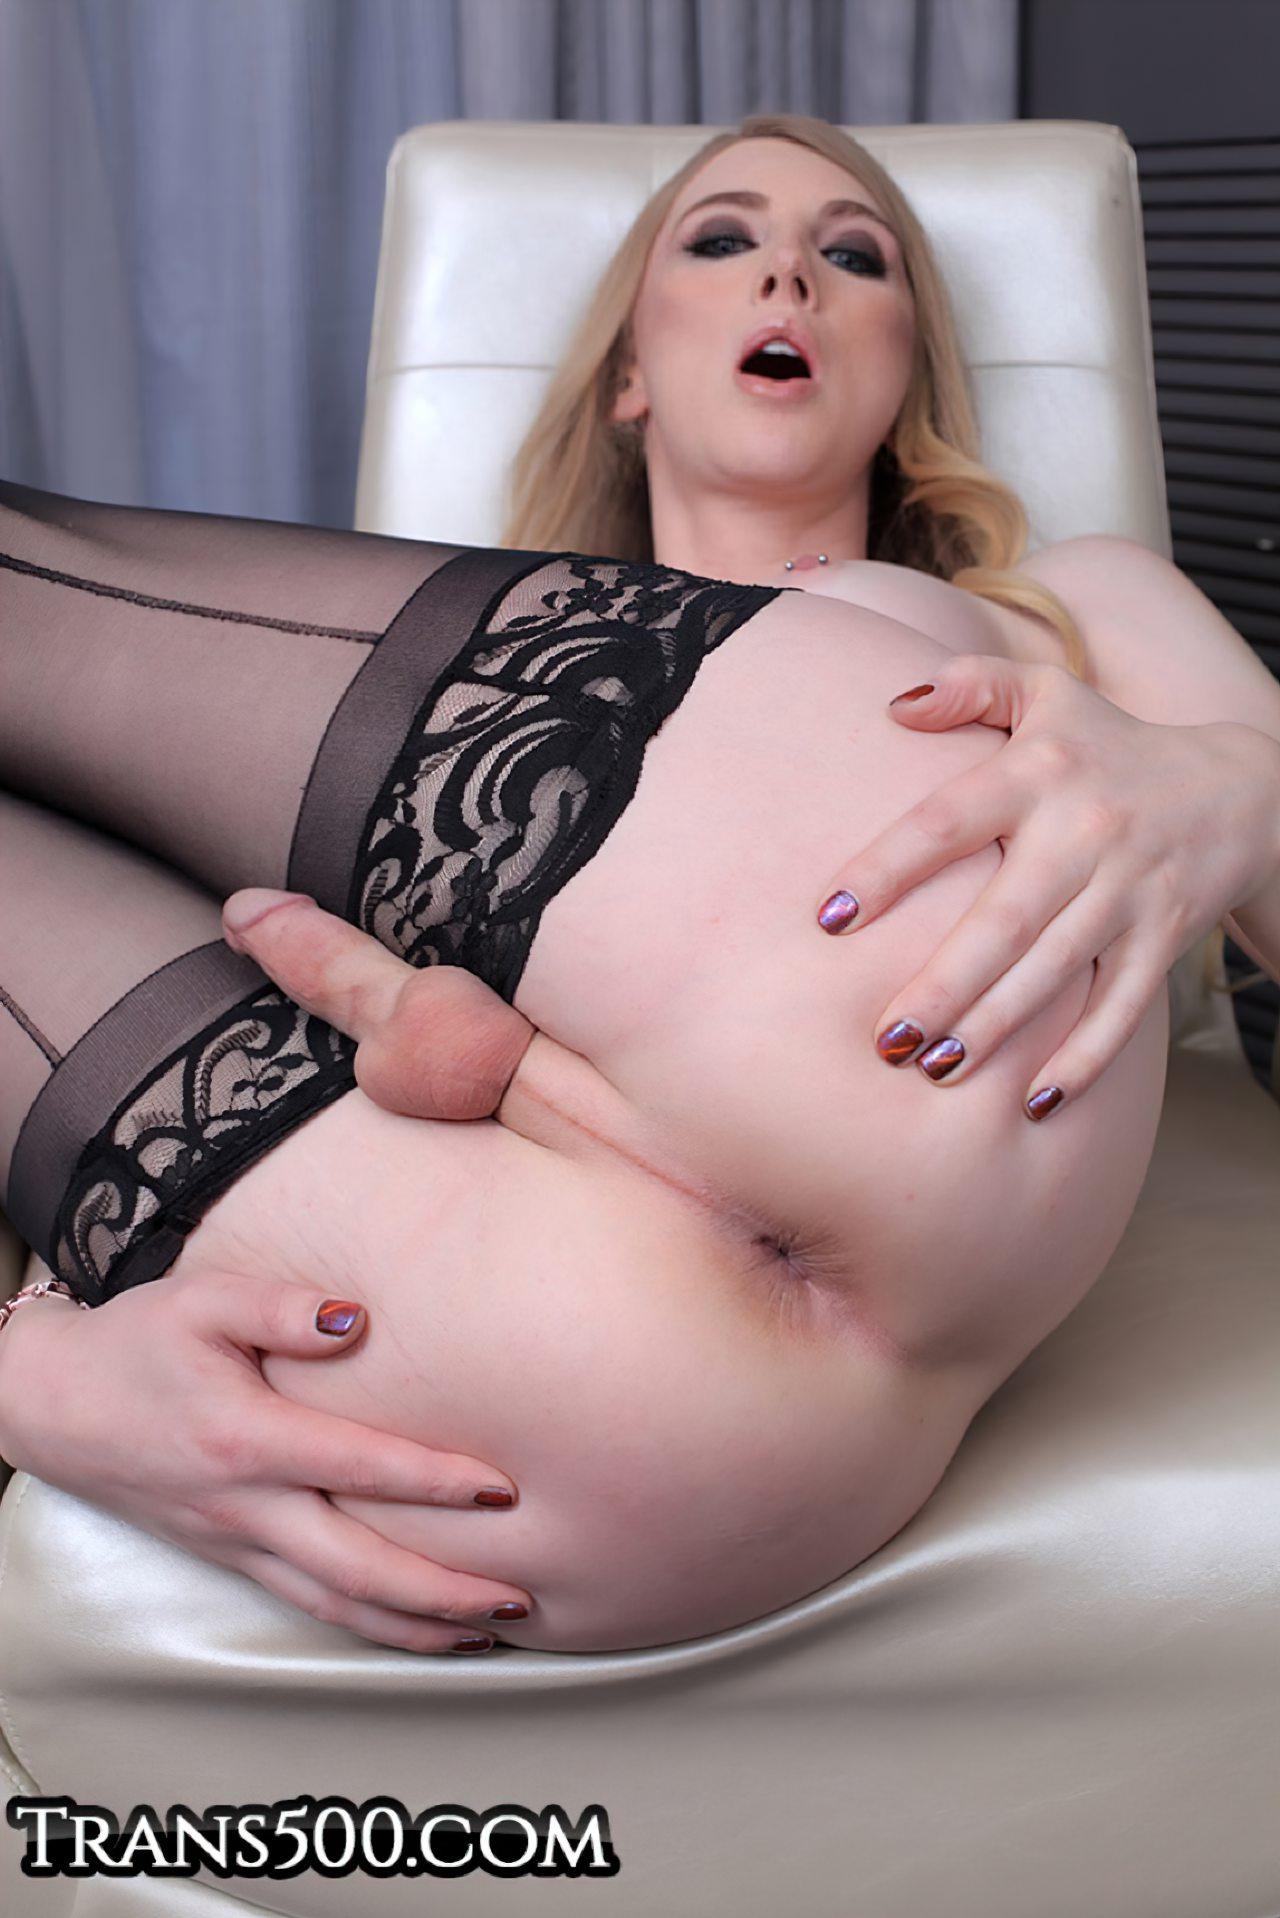 Sexo Transex no Hotel Luxo (7)